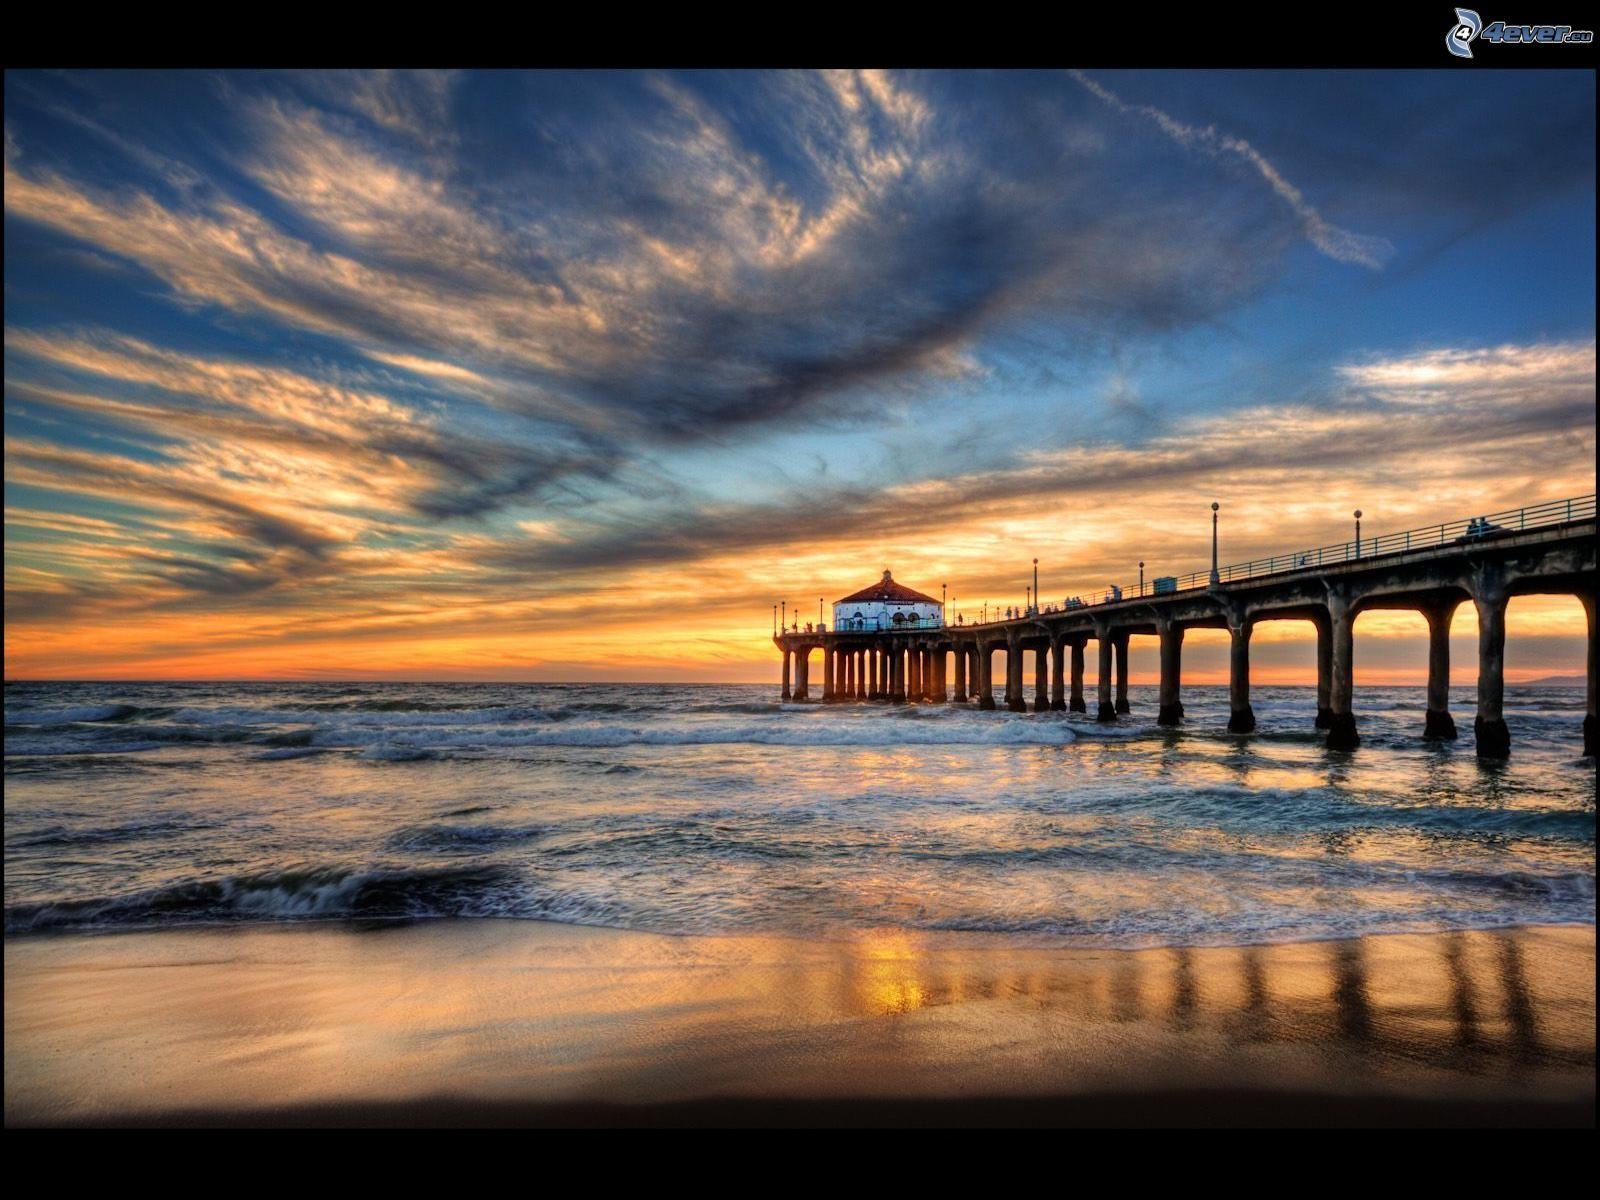 the manhattan beach pier is a pier located in manhattan beach